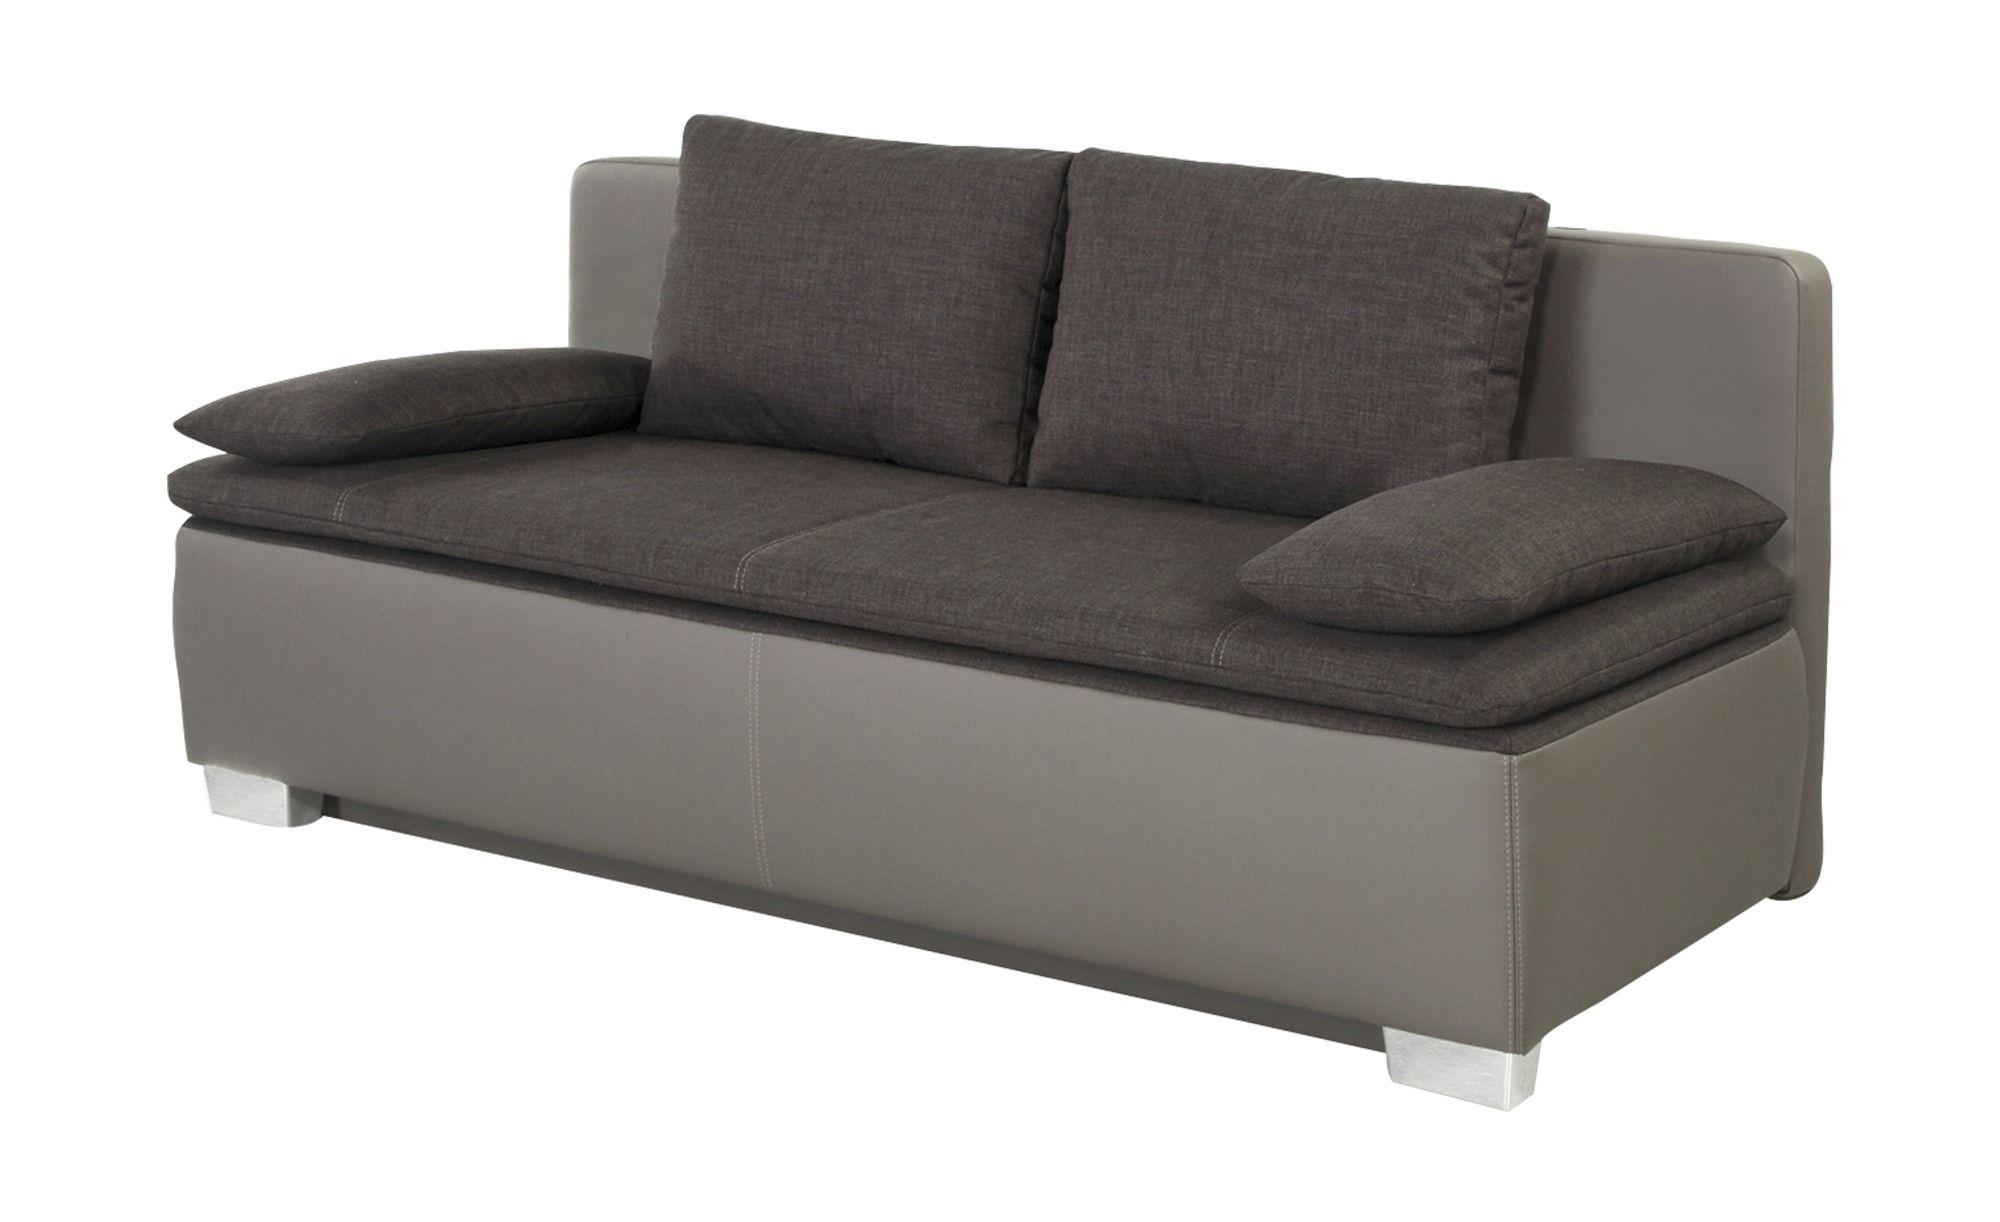 Sofa Design L Shape Sofa Online Bestellen Wohnzimmercouch Mit